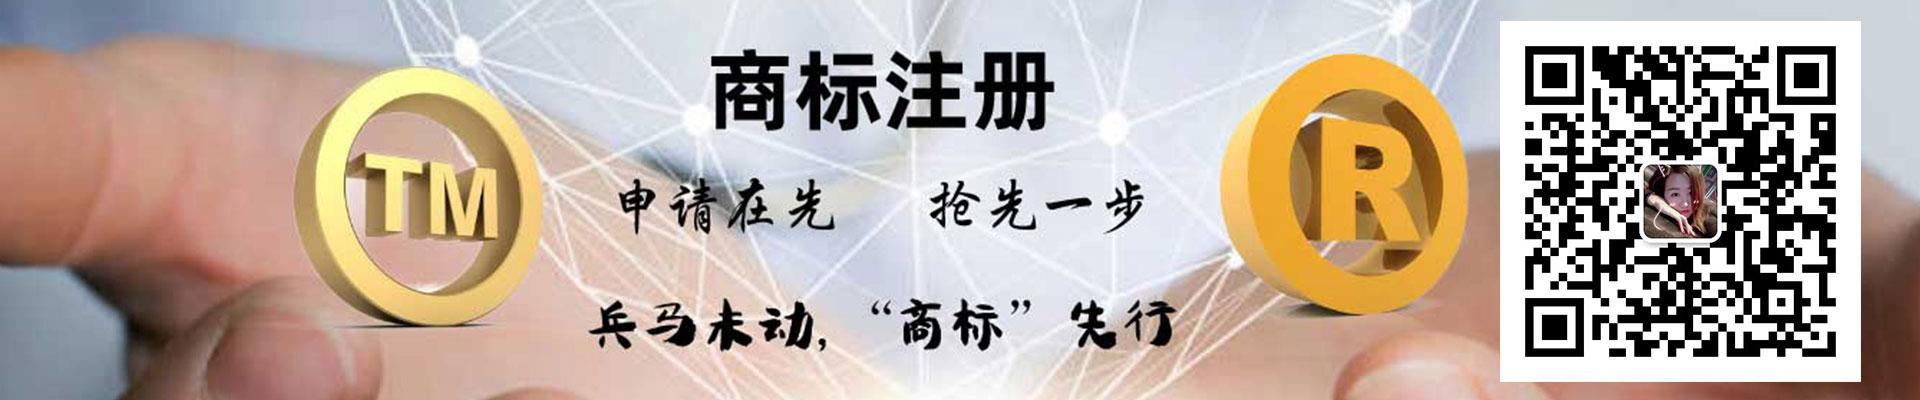 濮阳商标注册优质服务商